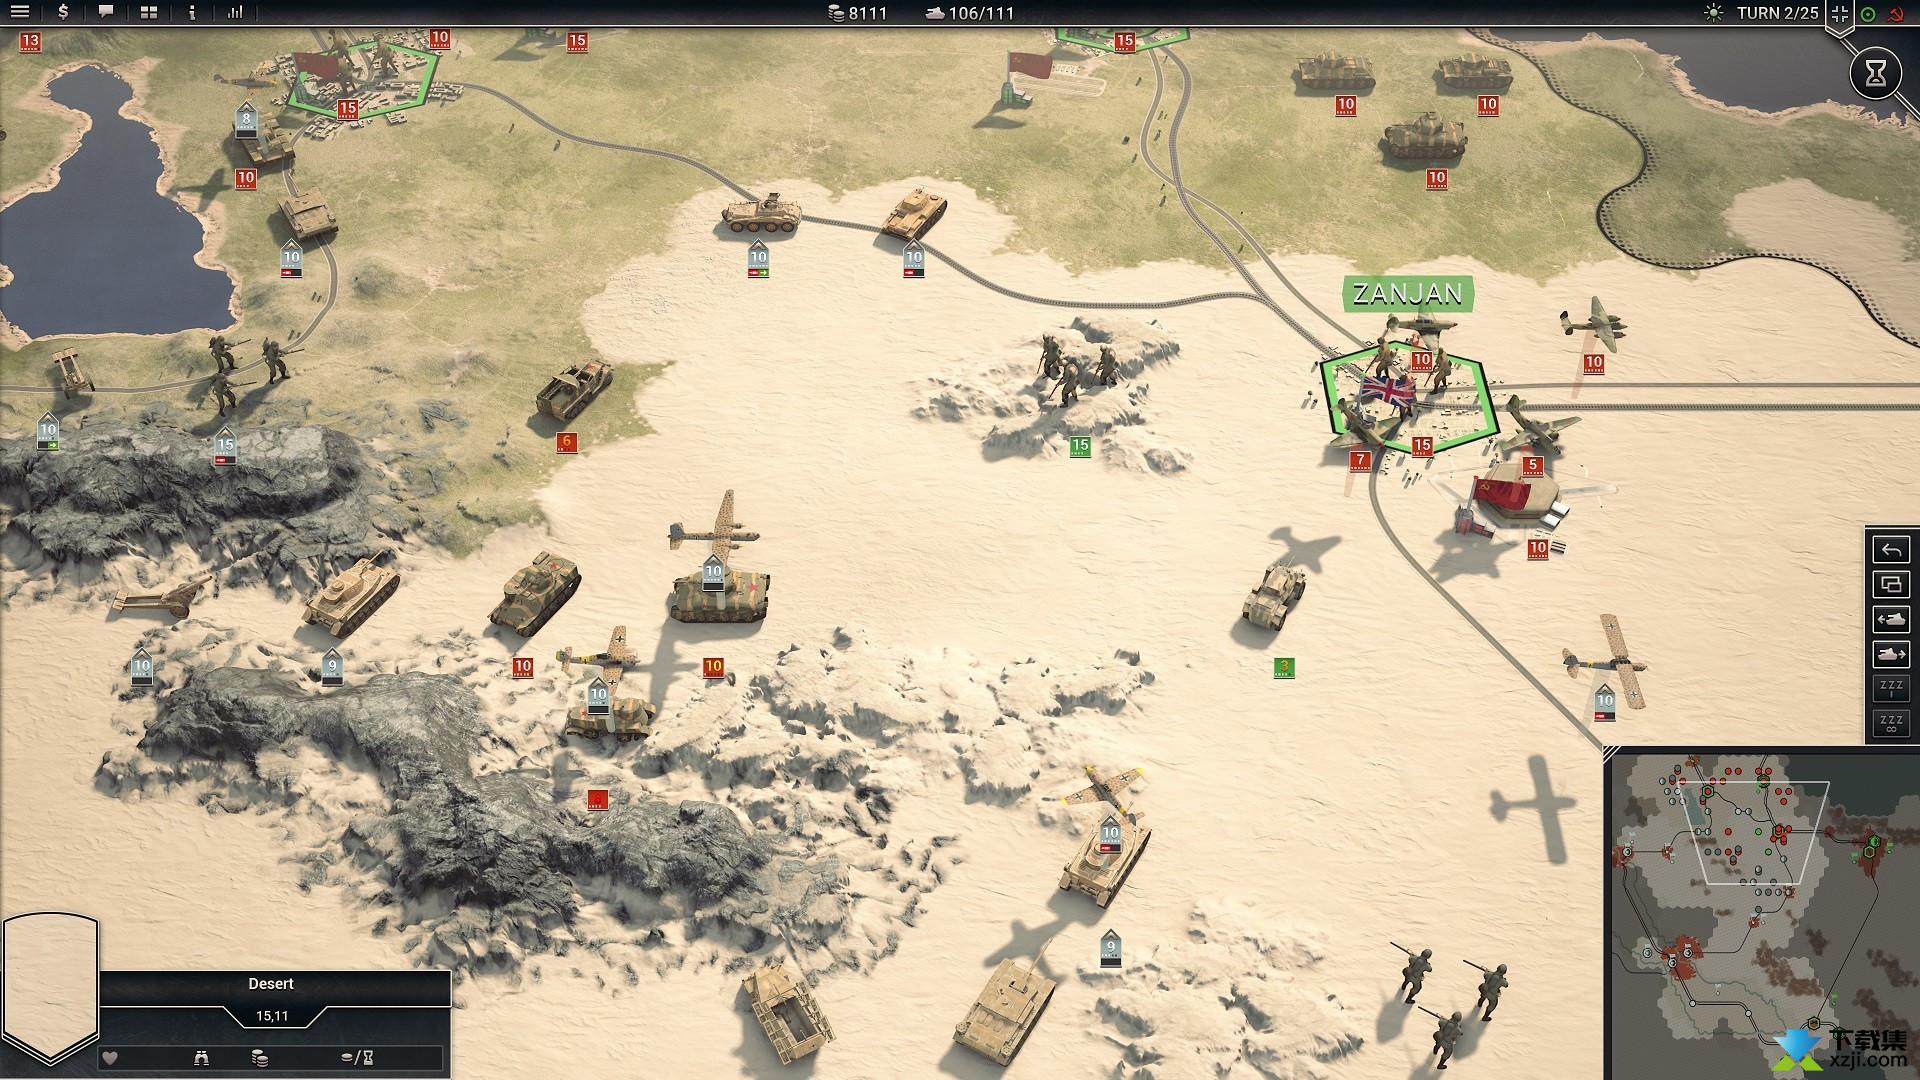 装甲军团2界面1